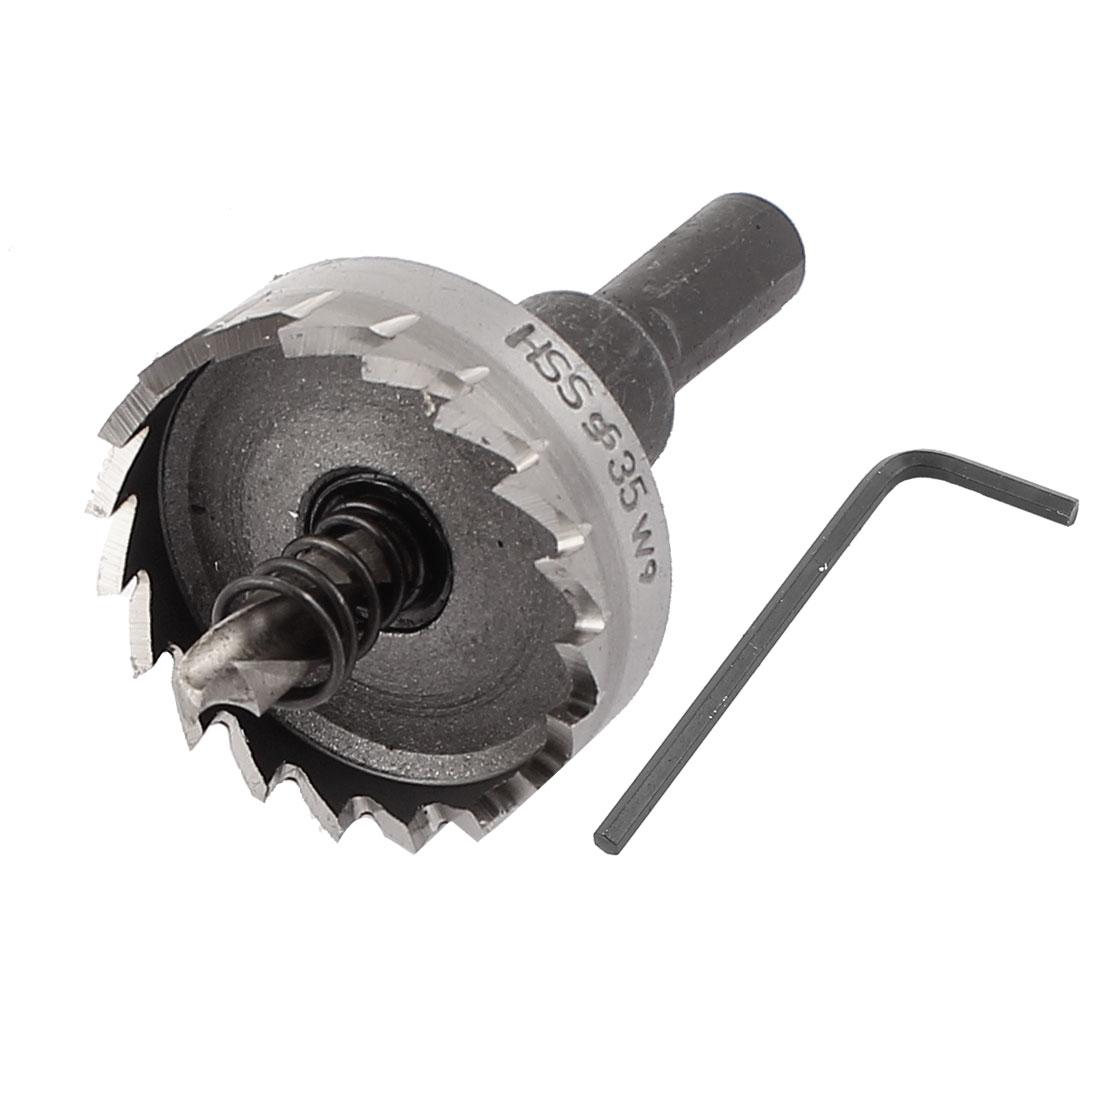 Metal 40mm Cutting Dia 10mm Shank Dia Twist Drill Bit Carbide Hole Saw Cutter Tool